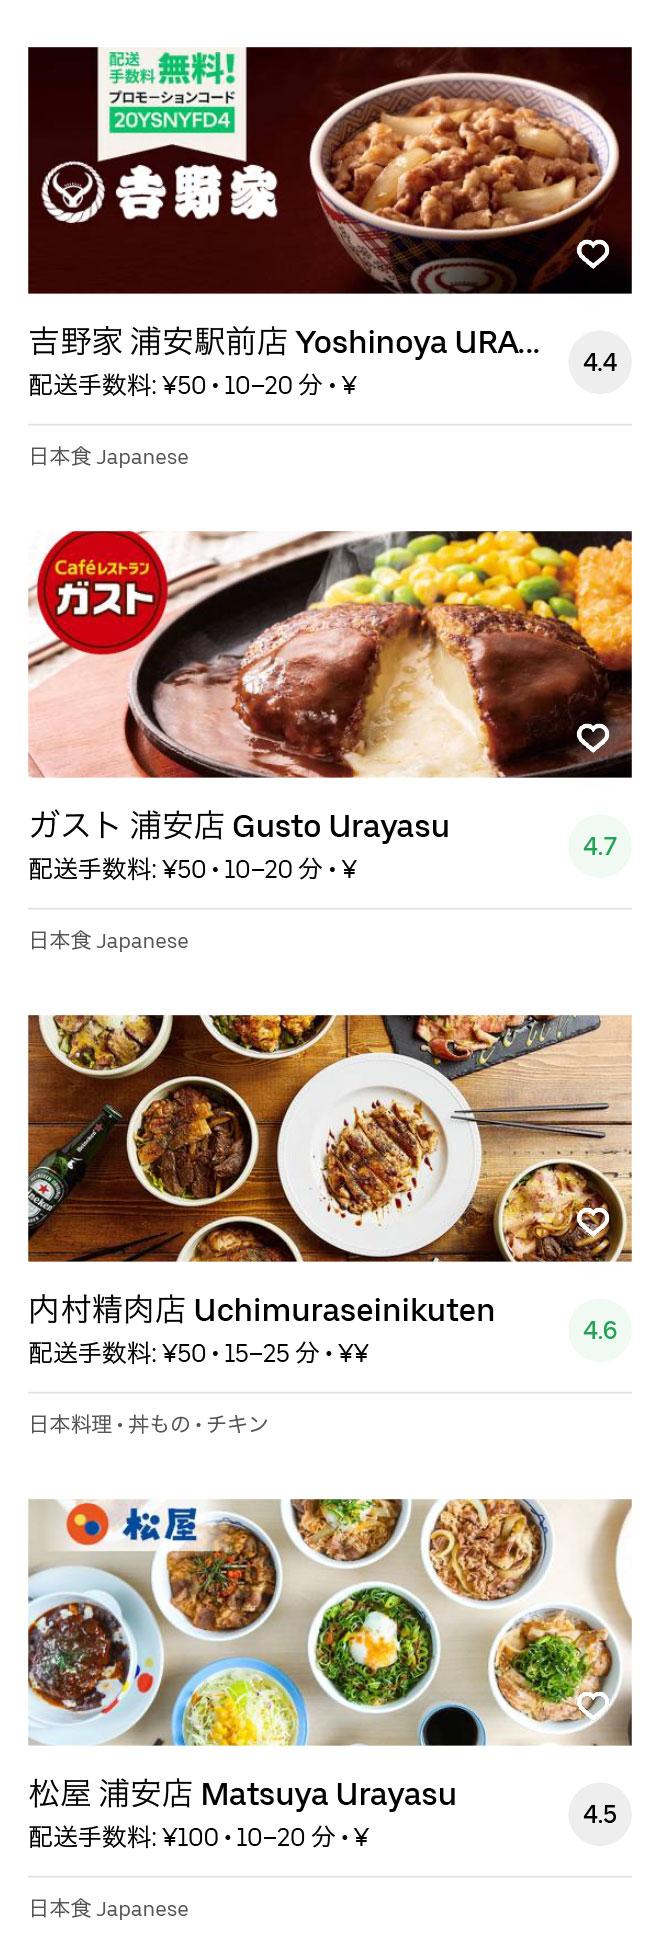 Urayasu menu 200402